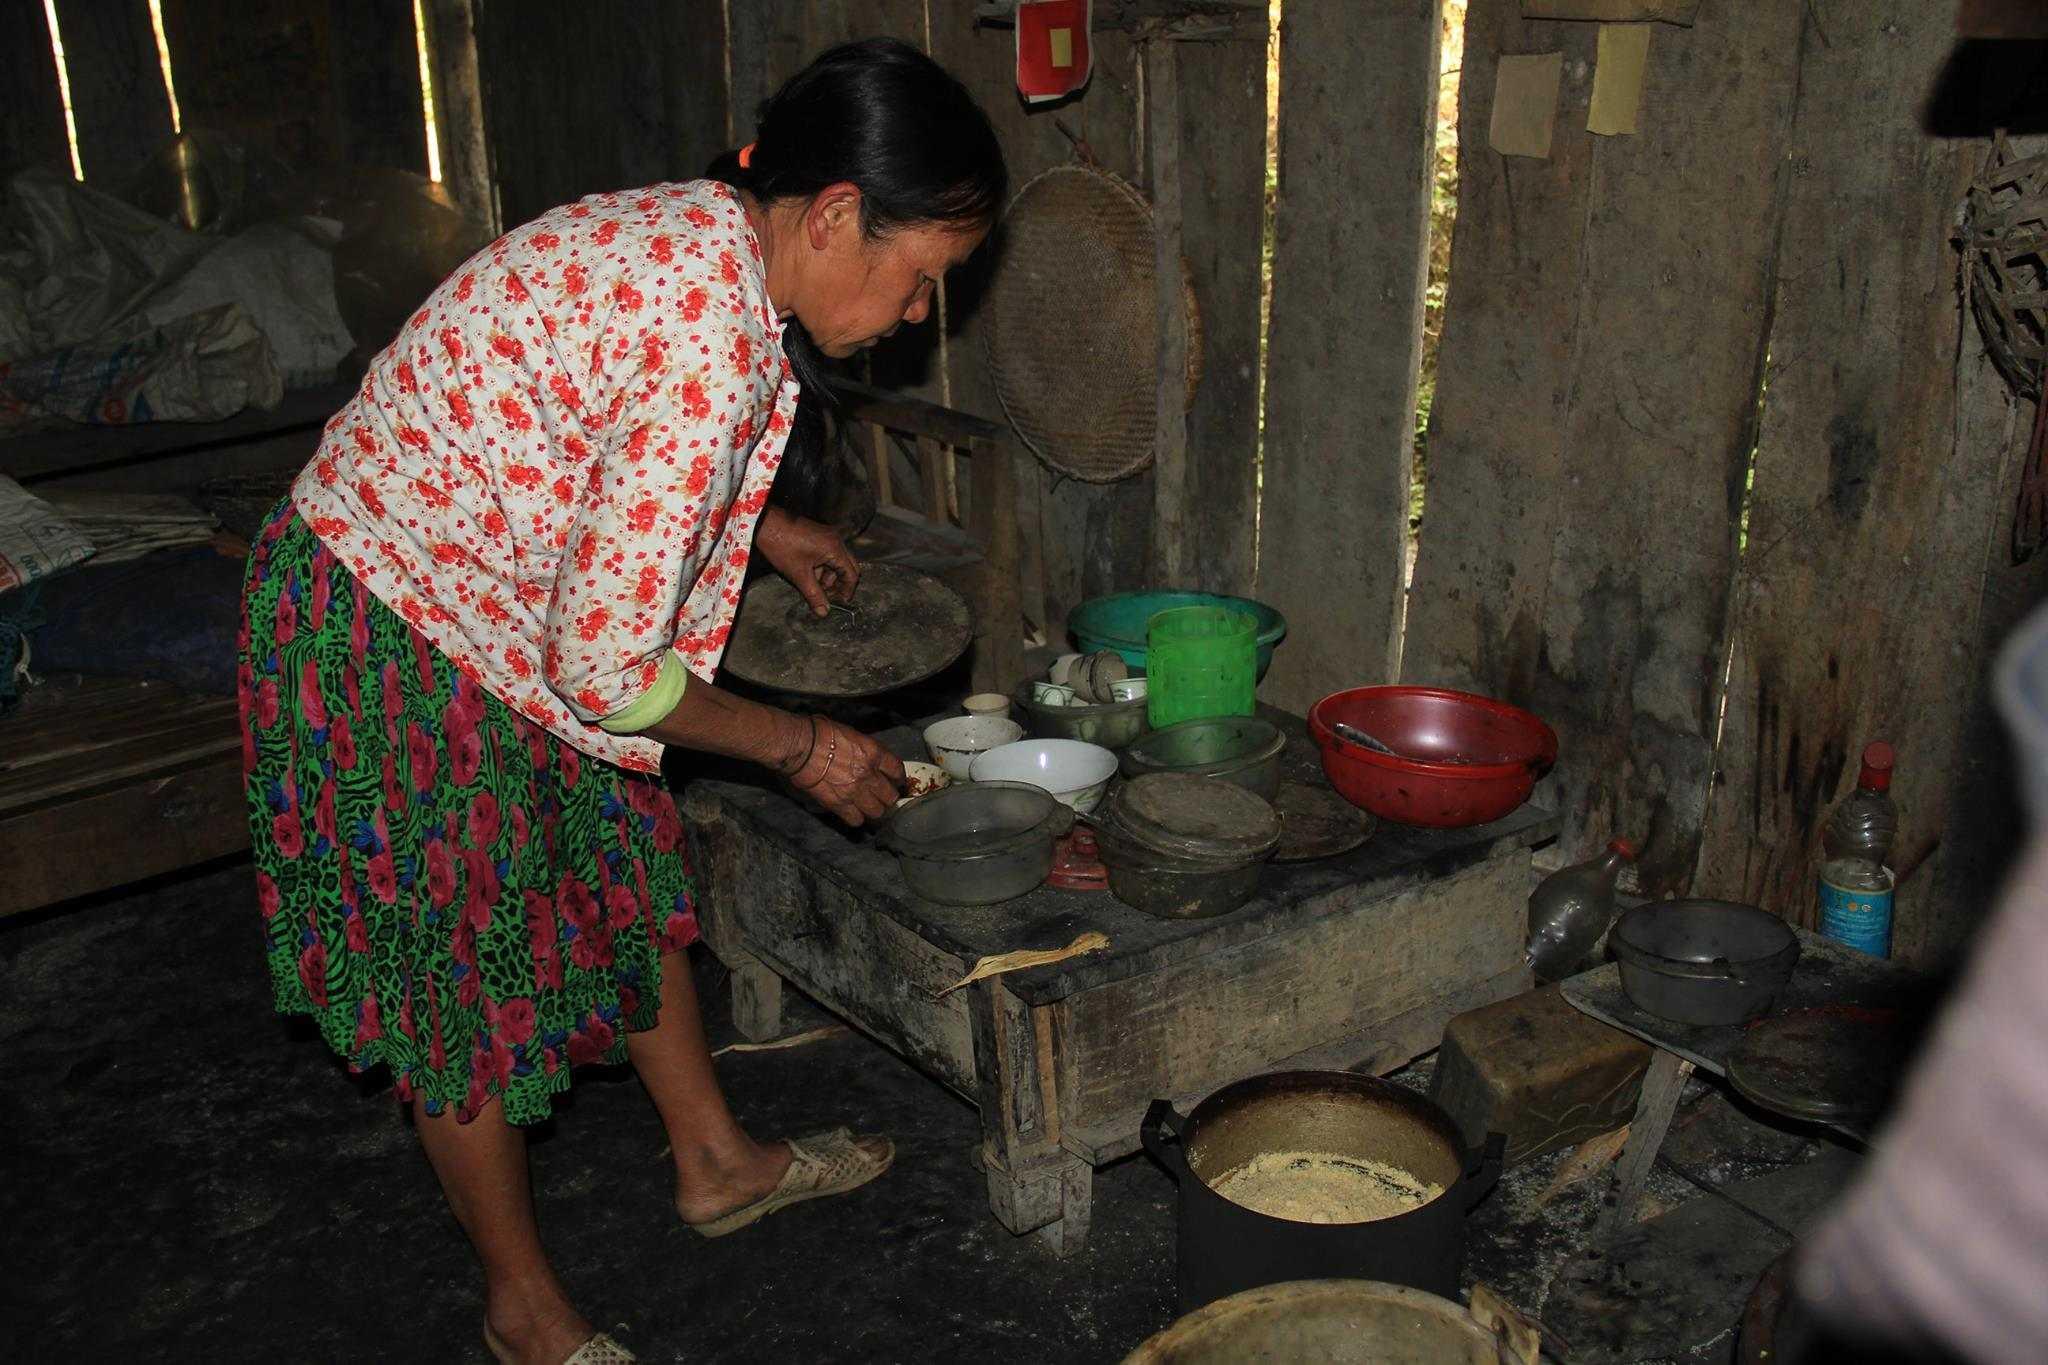 Từ ngày chồng mất, một mình bà Chủ (mẹ bé Lúa) vừa chăm cháu Lúa vừa phải lo việc nuôi trồng. Bữa cơm thường ngày chỉ có bột ngô nấu thành mèn mén ăn cùng ớt ngâm muối. Cứ đến mùa ráp hạt (từ tháng giêng đến tháng 3 âm lịch) là mẹ con lâm vào cảnh thiếu ăn.